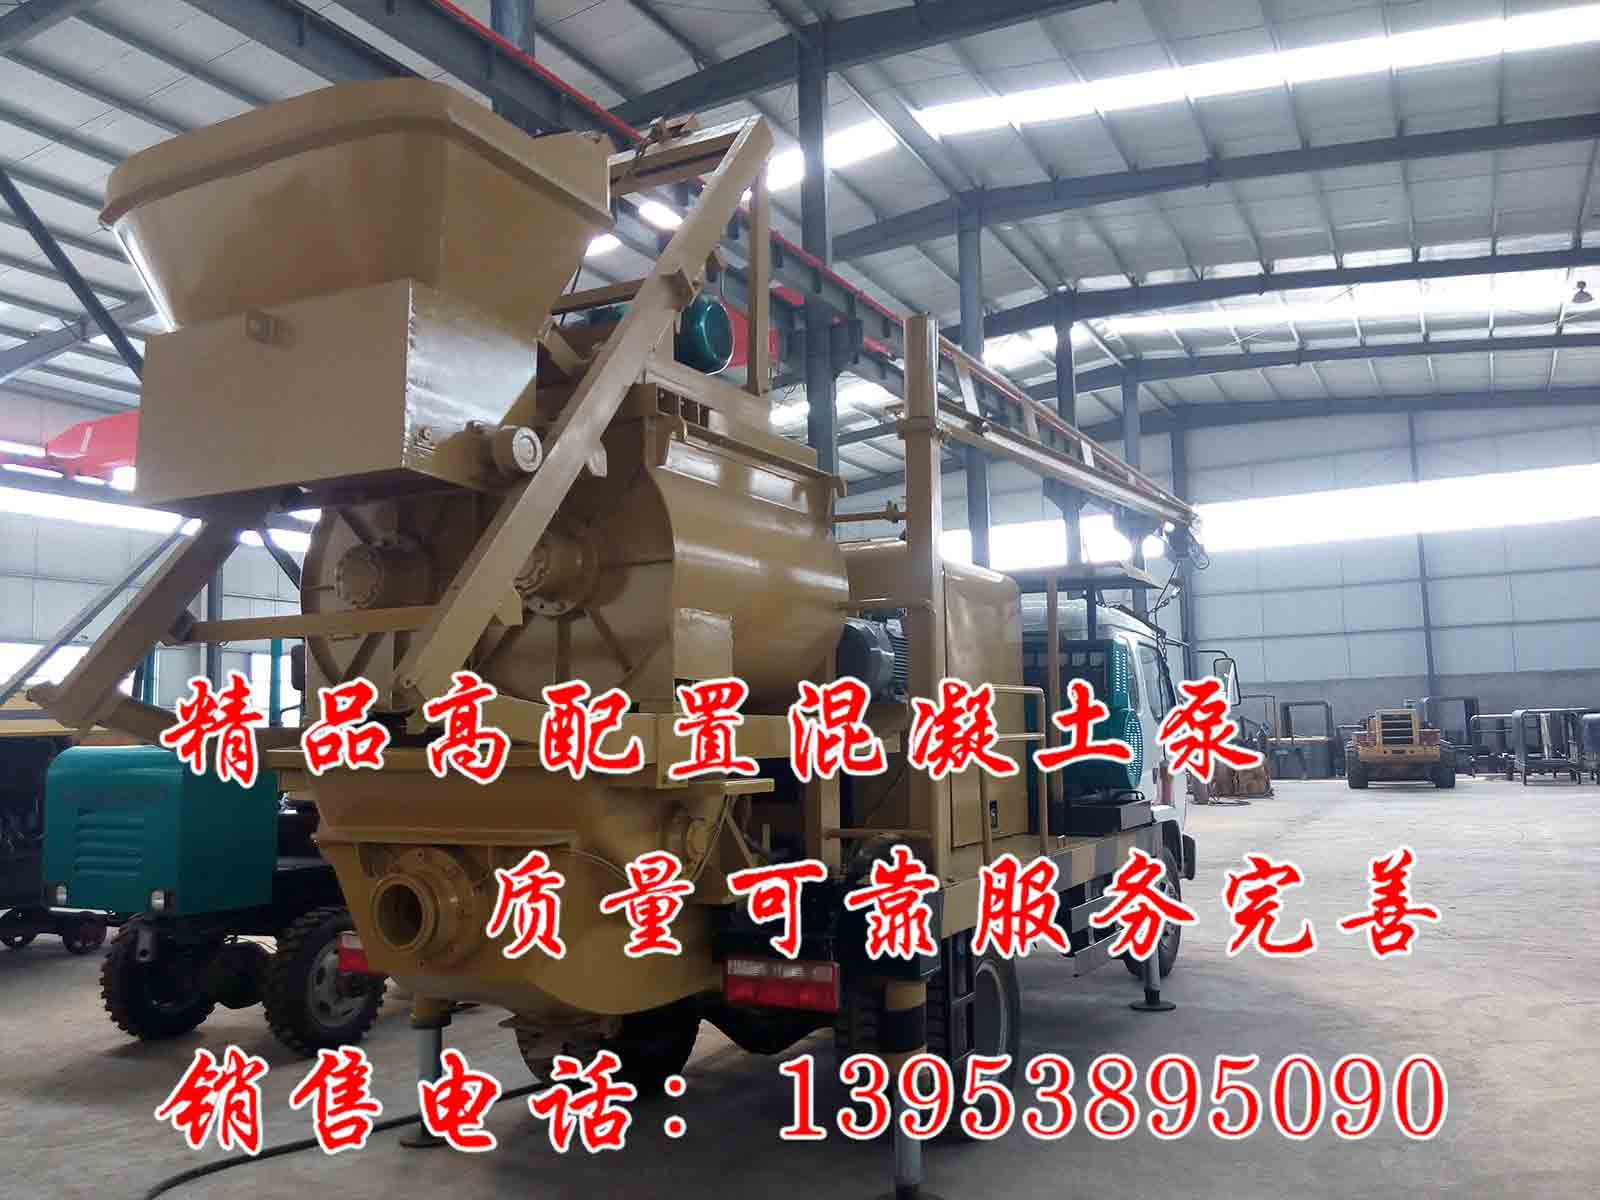 云南红河 矿用混凝土泵价格实惠 质量肯定可靠